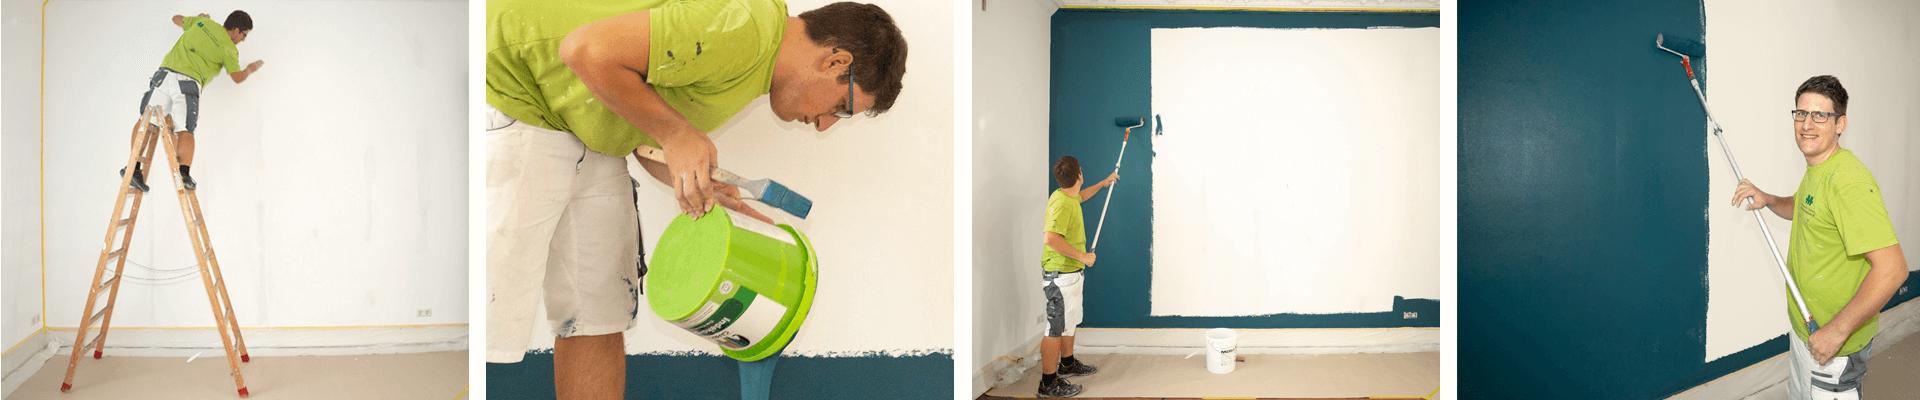 Maler Antosch Innenräume